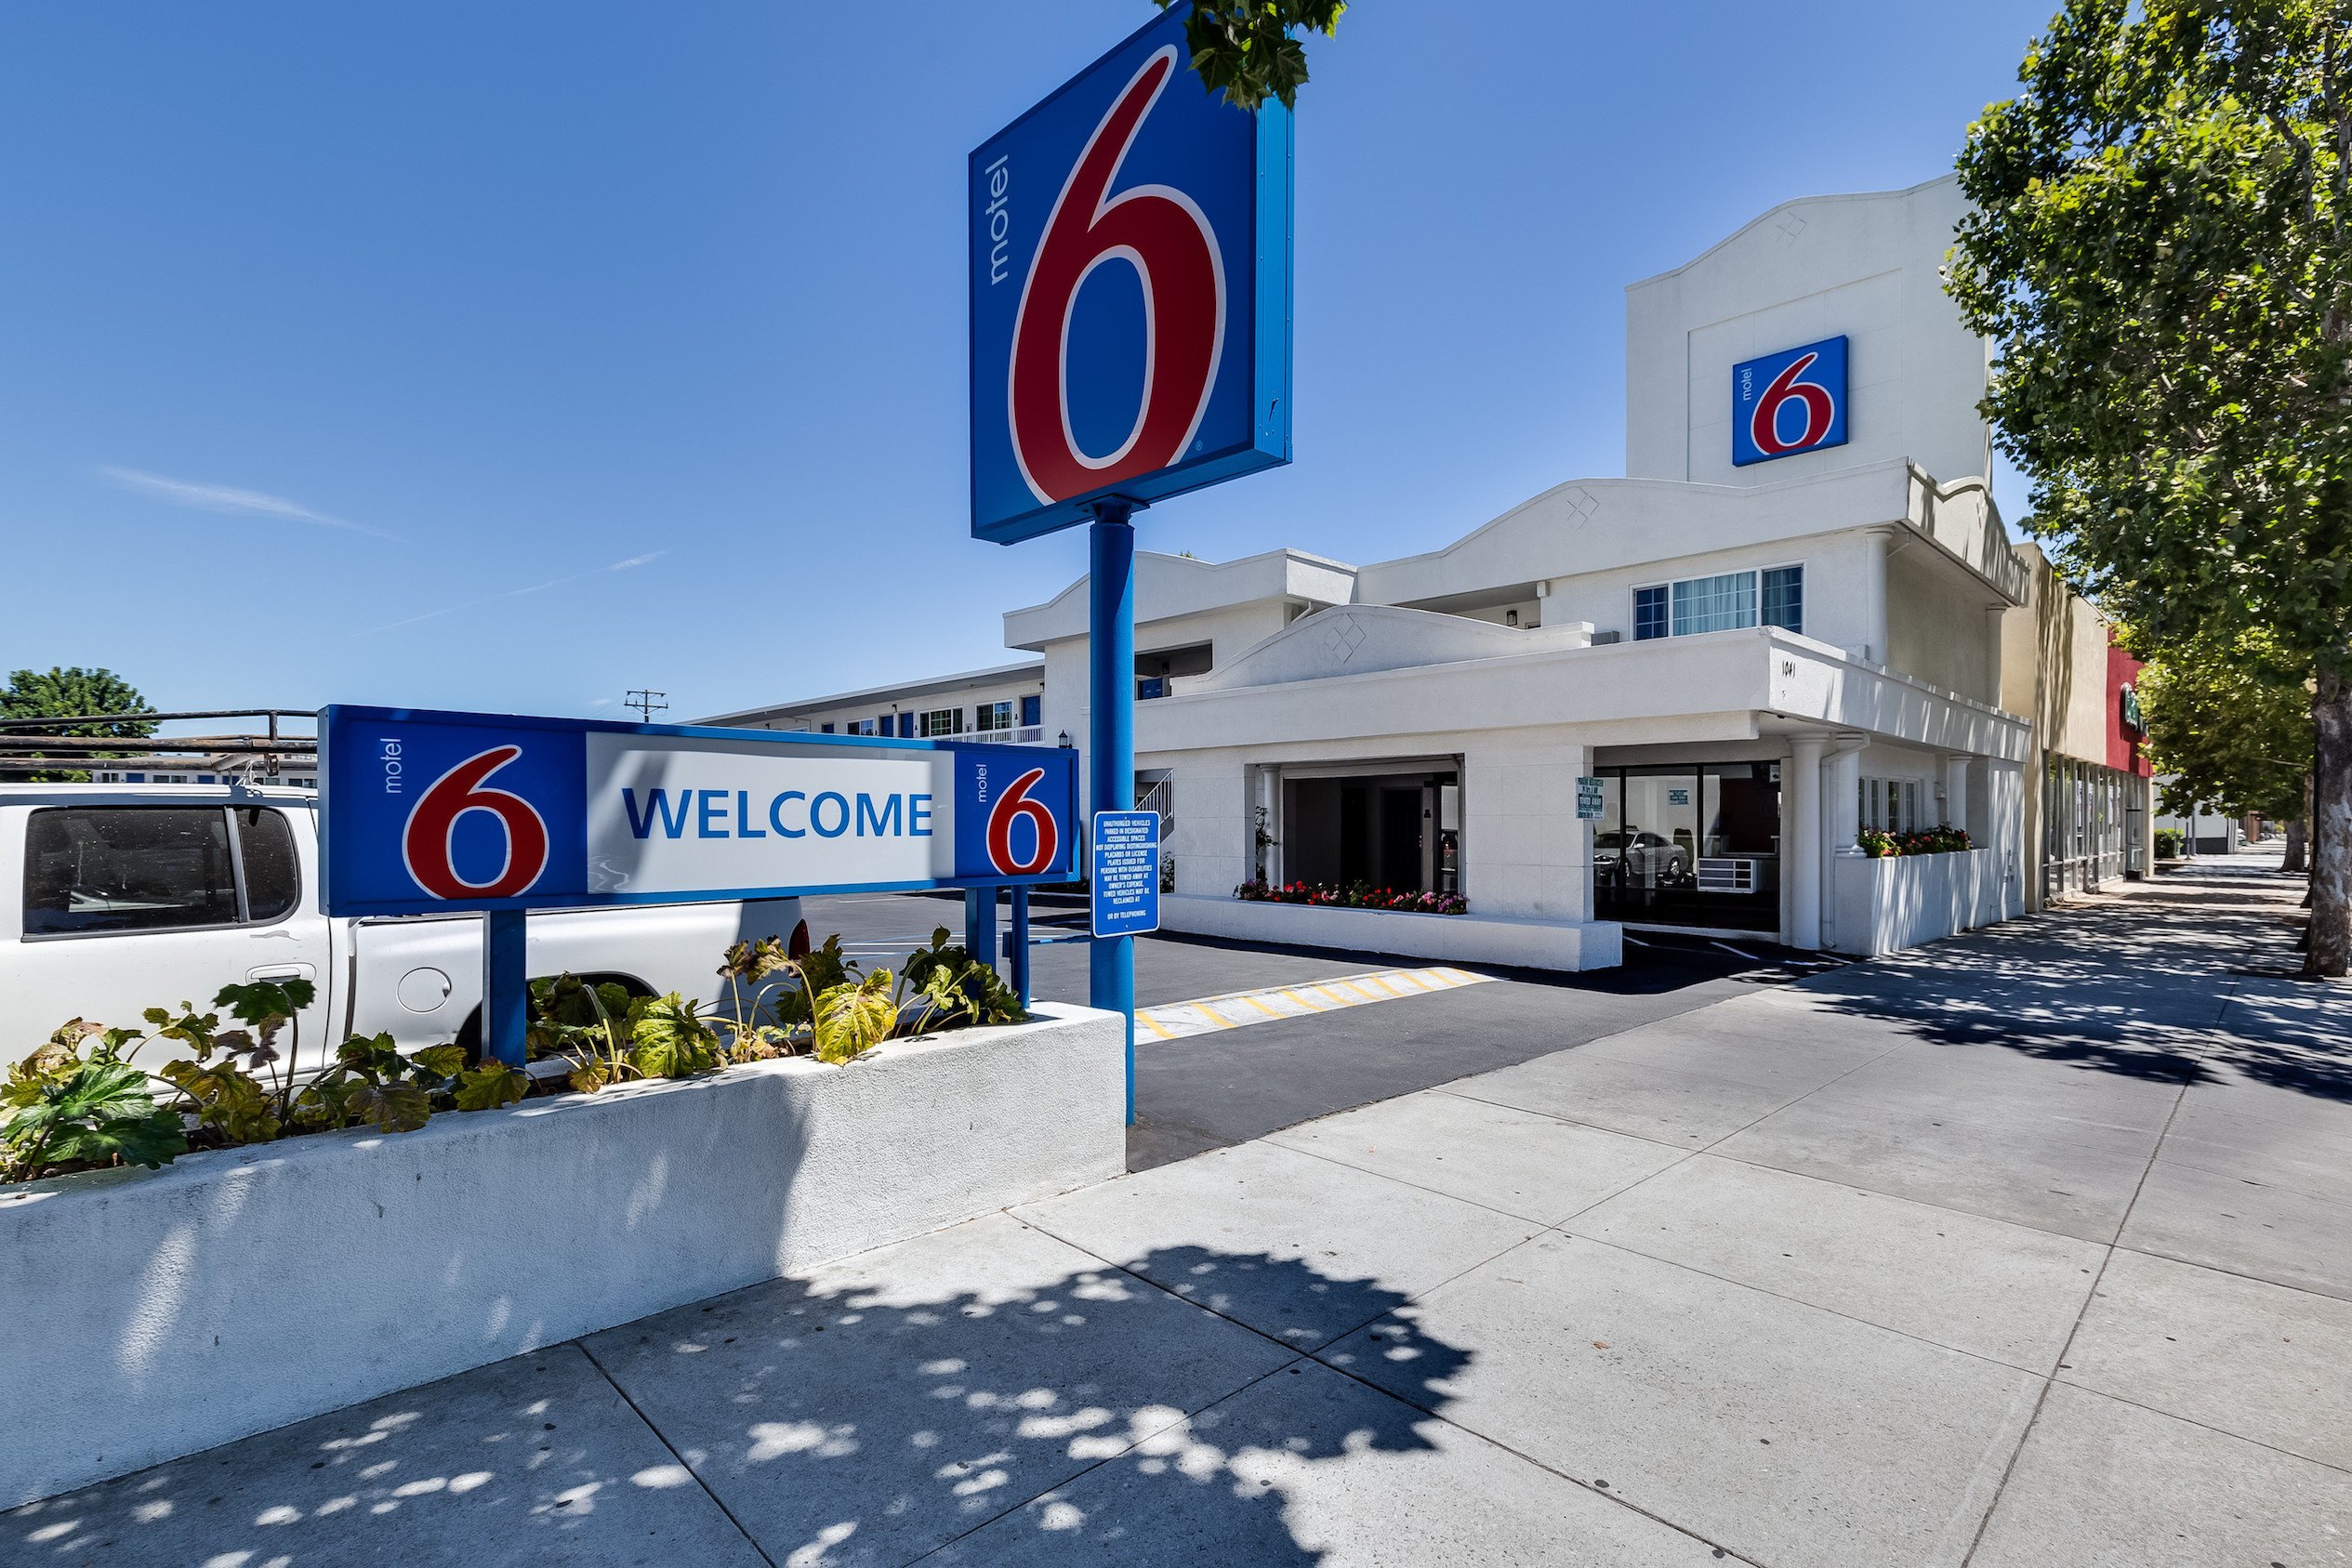 モーテル 6 サンノゼ コンベンション センター